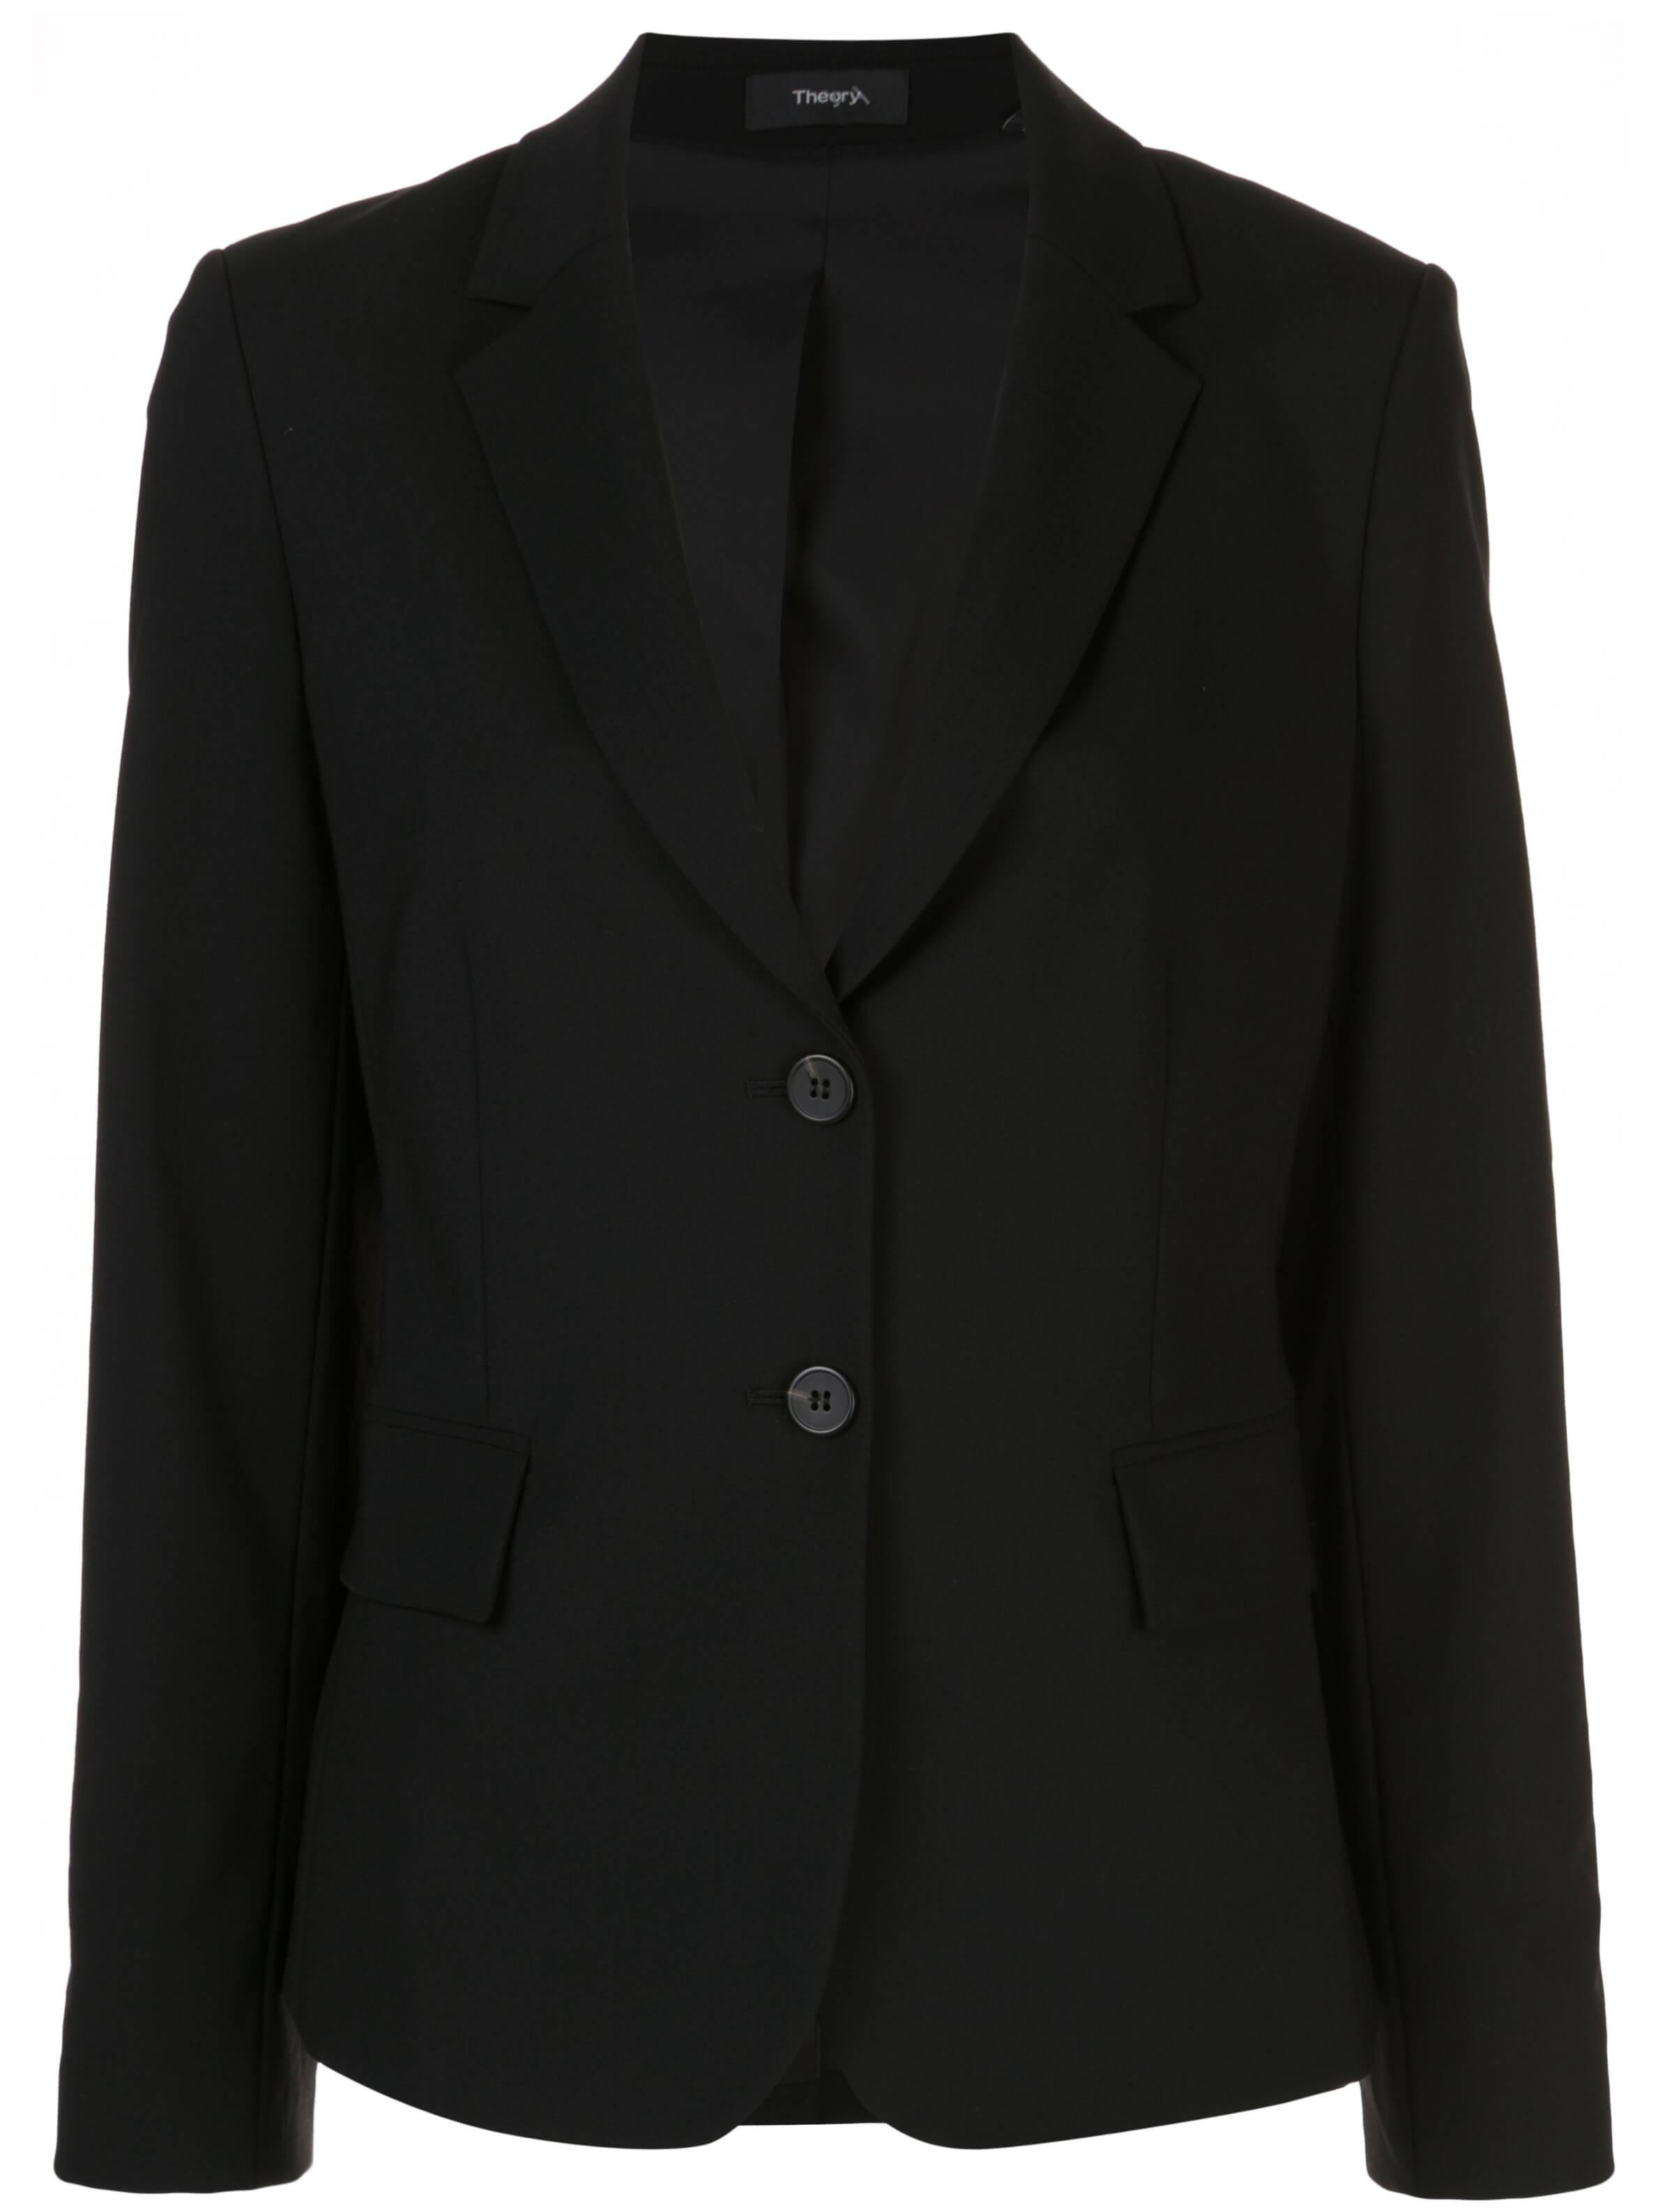 Carissa Classic Suit Jacket Item # I0001125